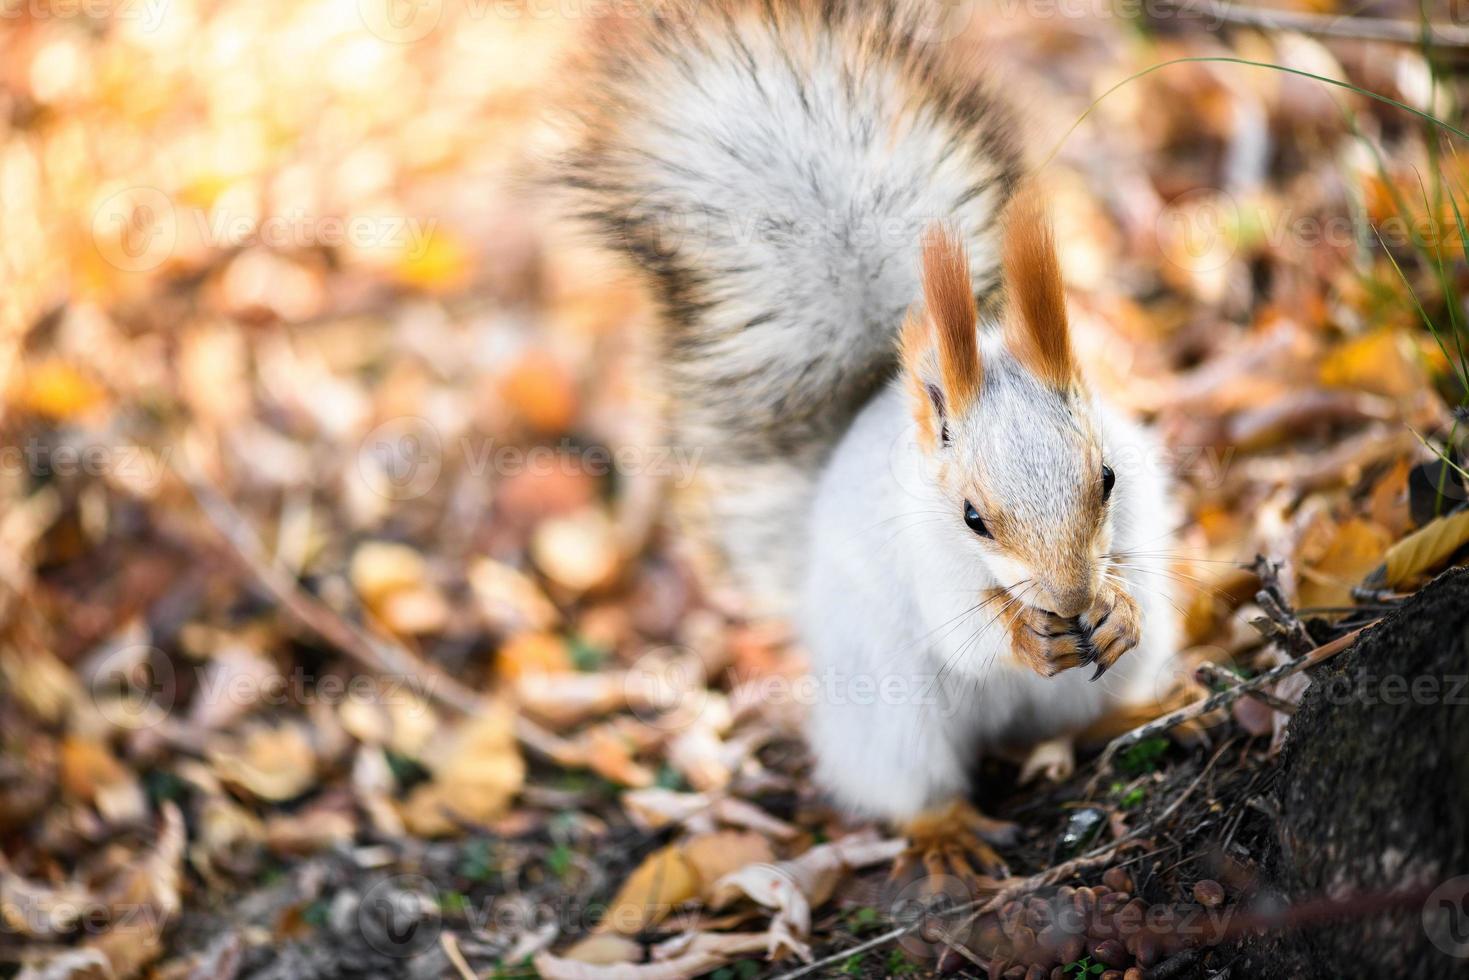 Lo scoiattolo grigio mangia semi nella foresta di autunno foto